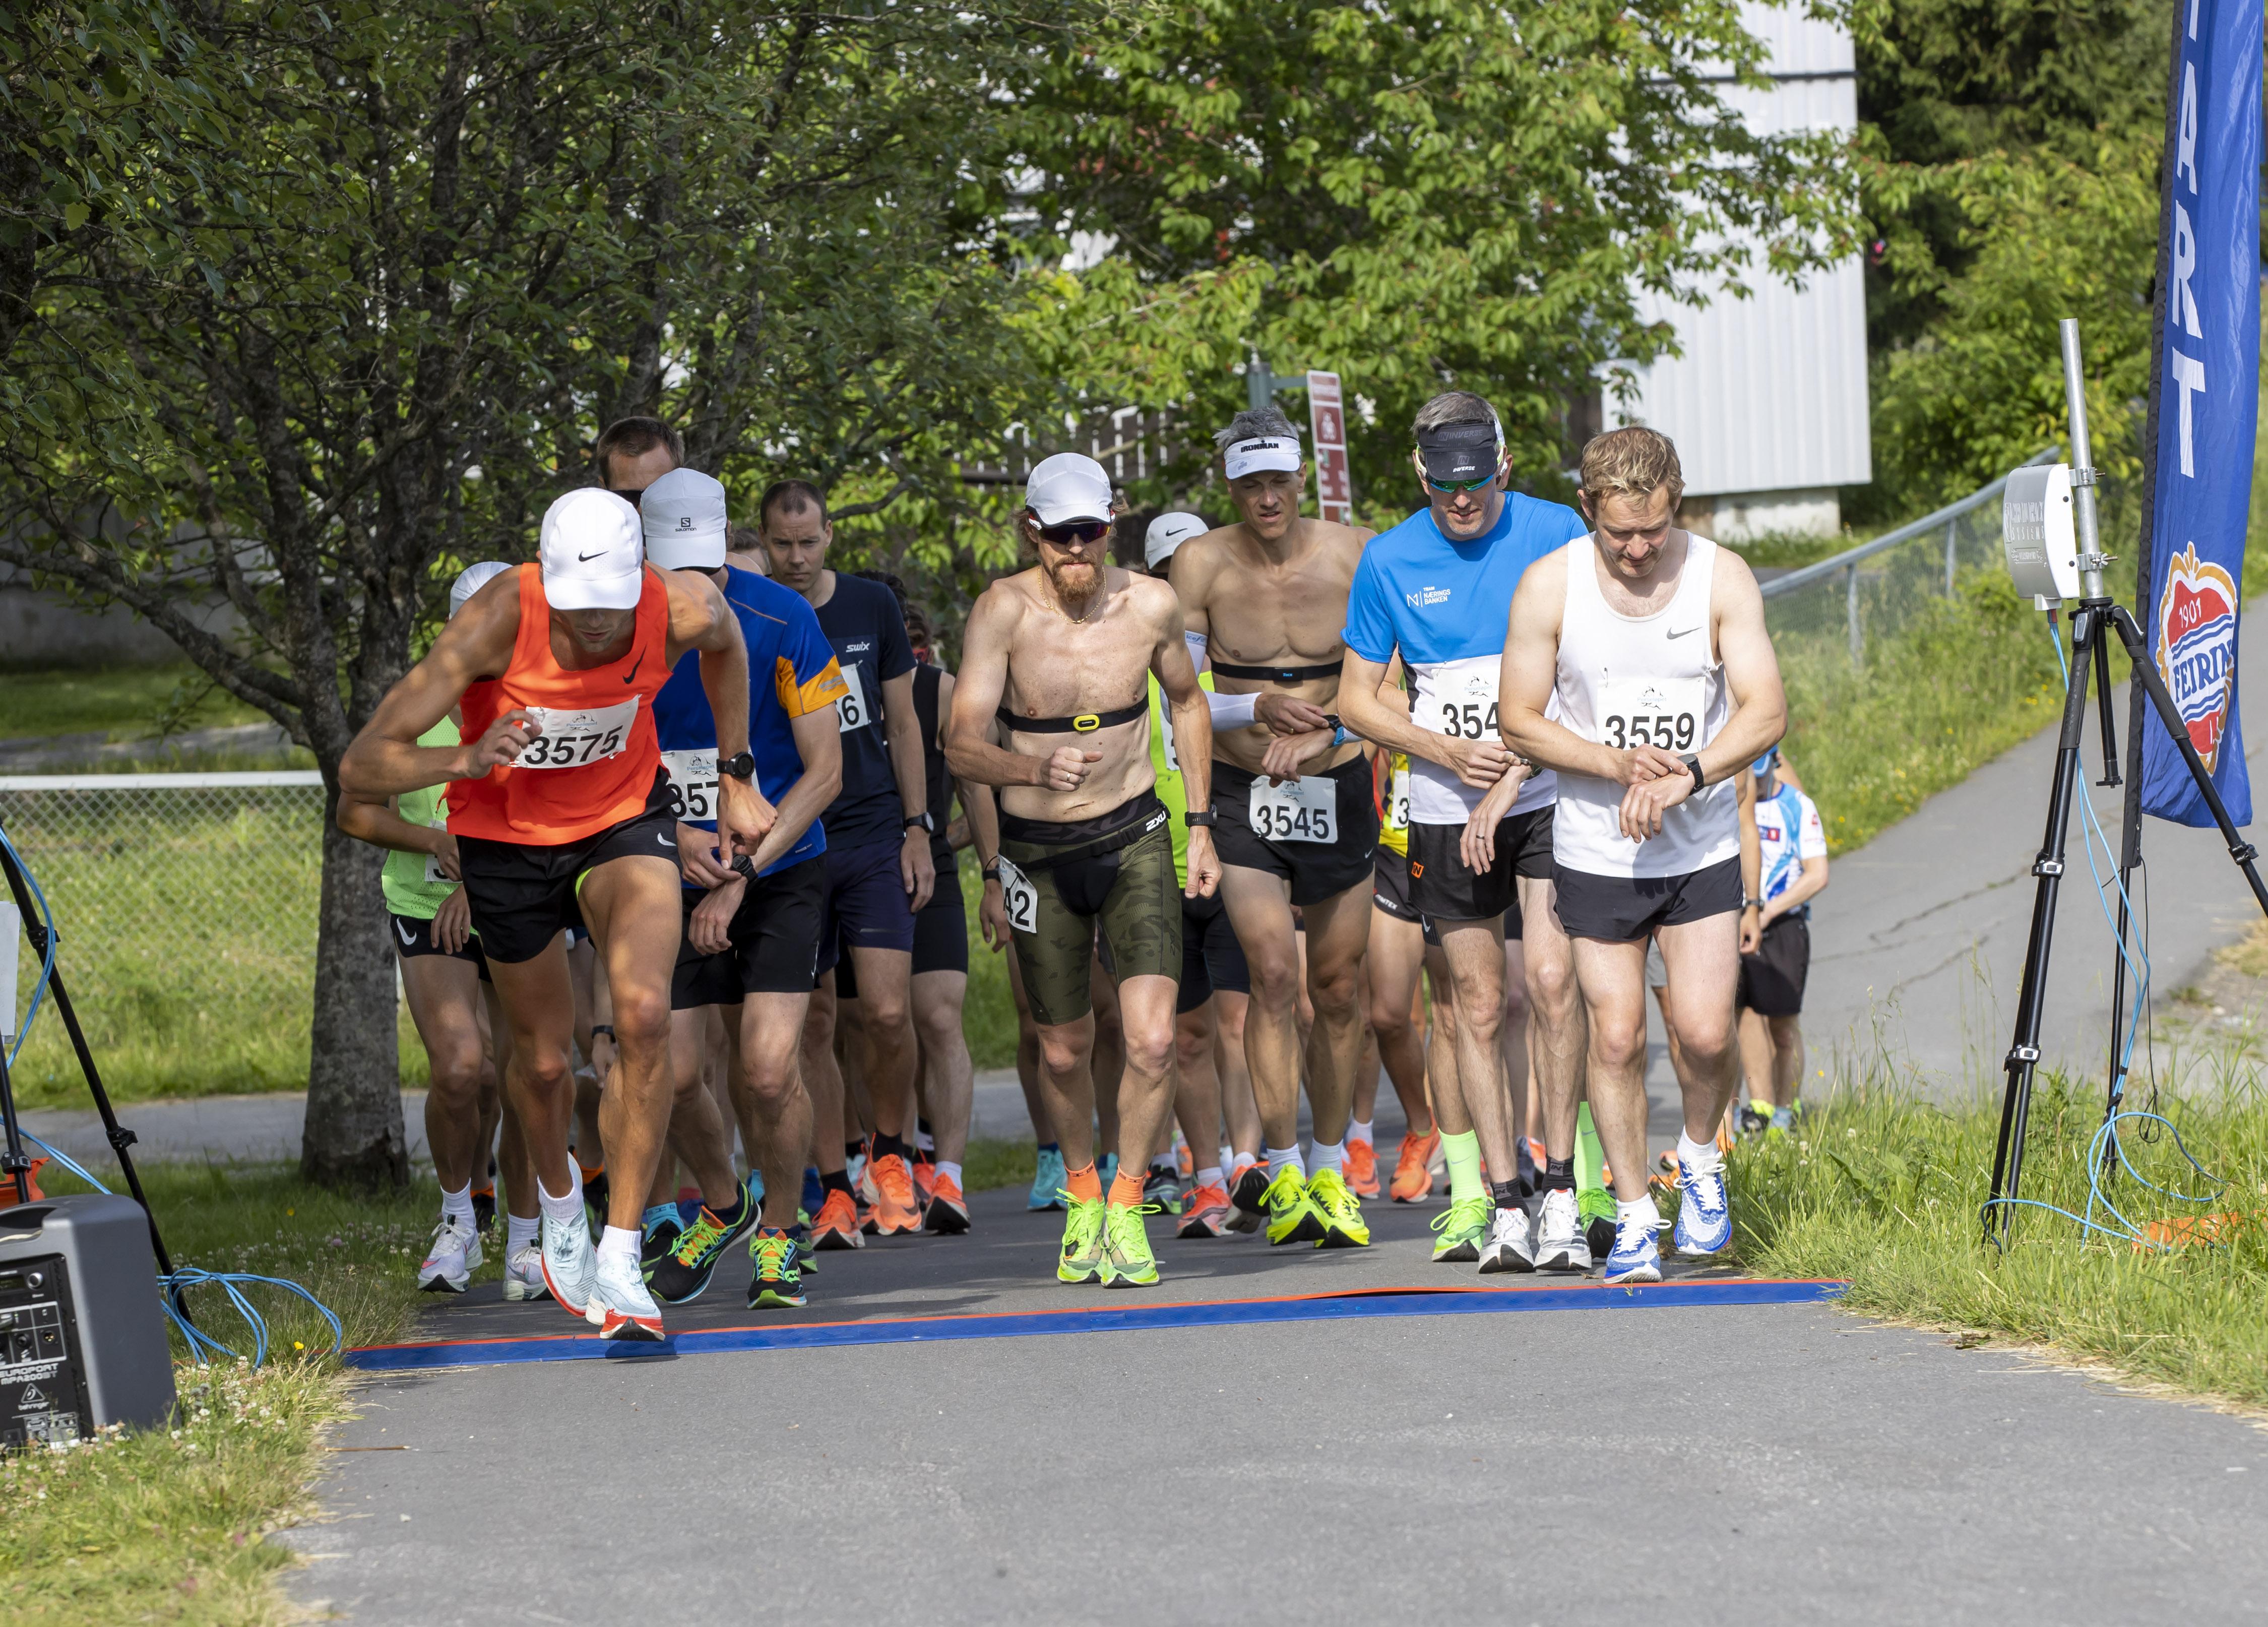 Perseløpet 4 juli 2021 - Allerede da starten gikk klokken 09.00 var det varmt og godt.jpg